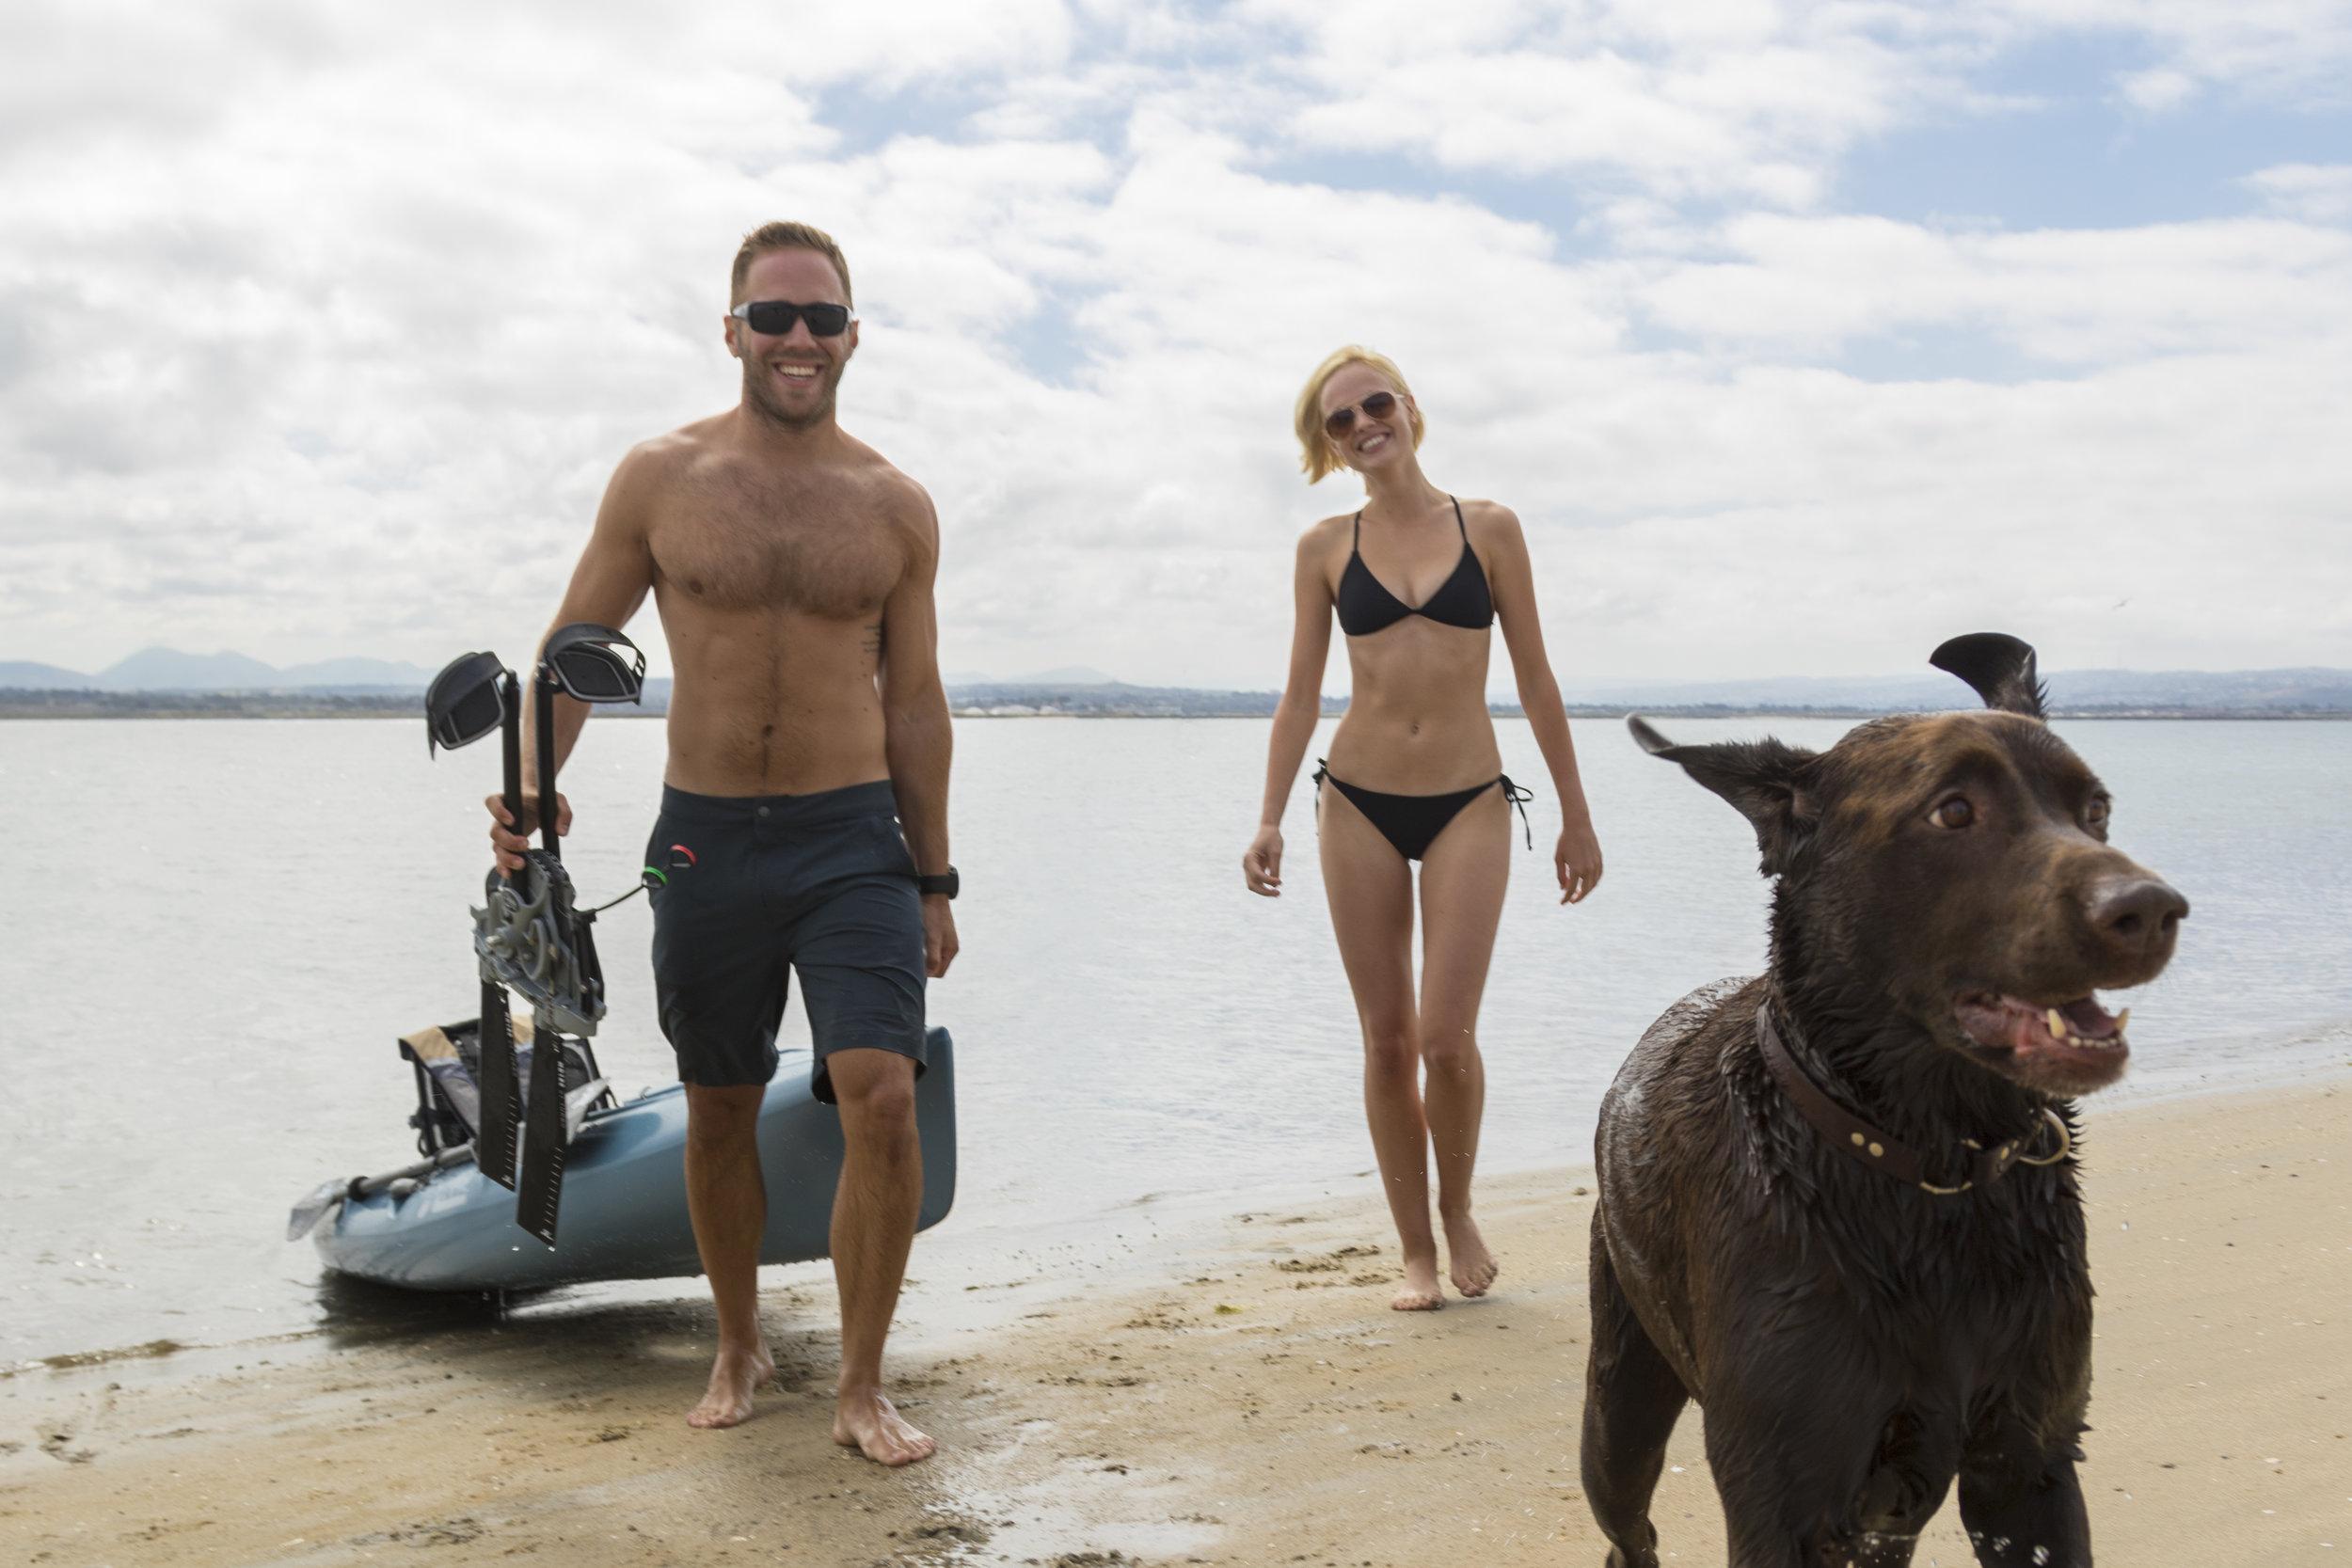 Revolution13_action_dog_couple_beach_carry.jpg